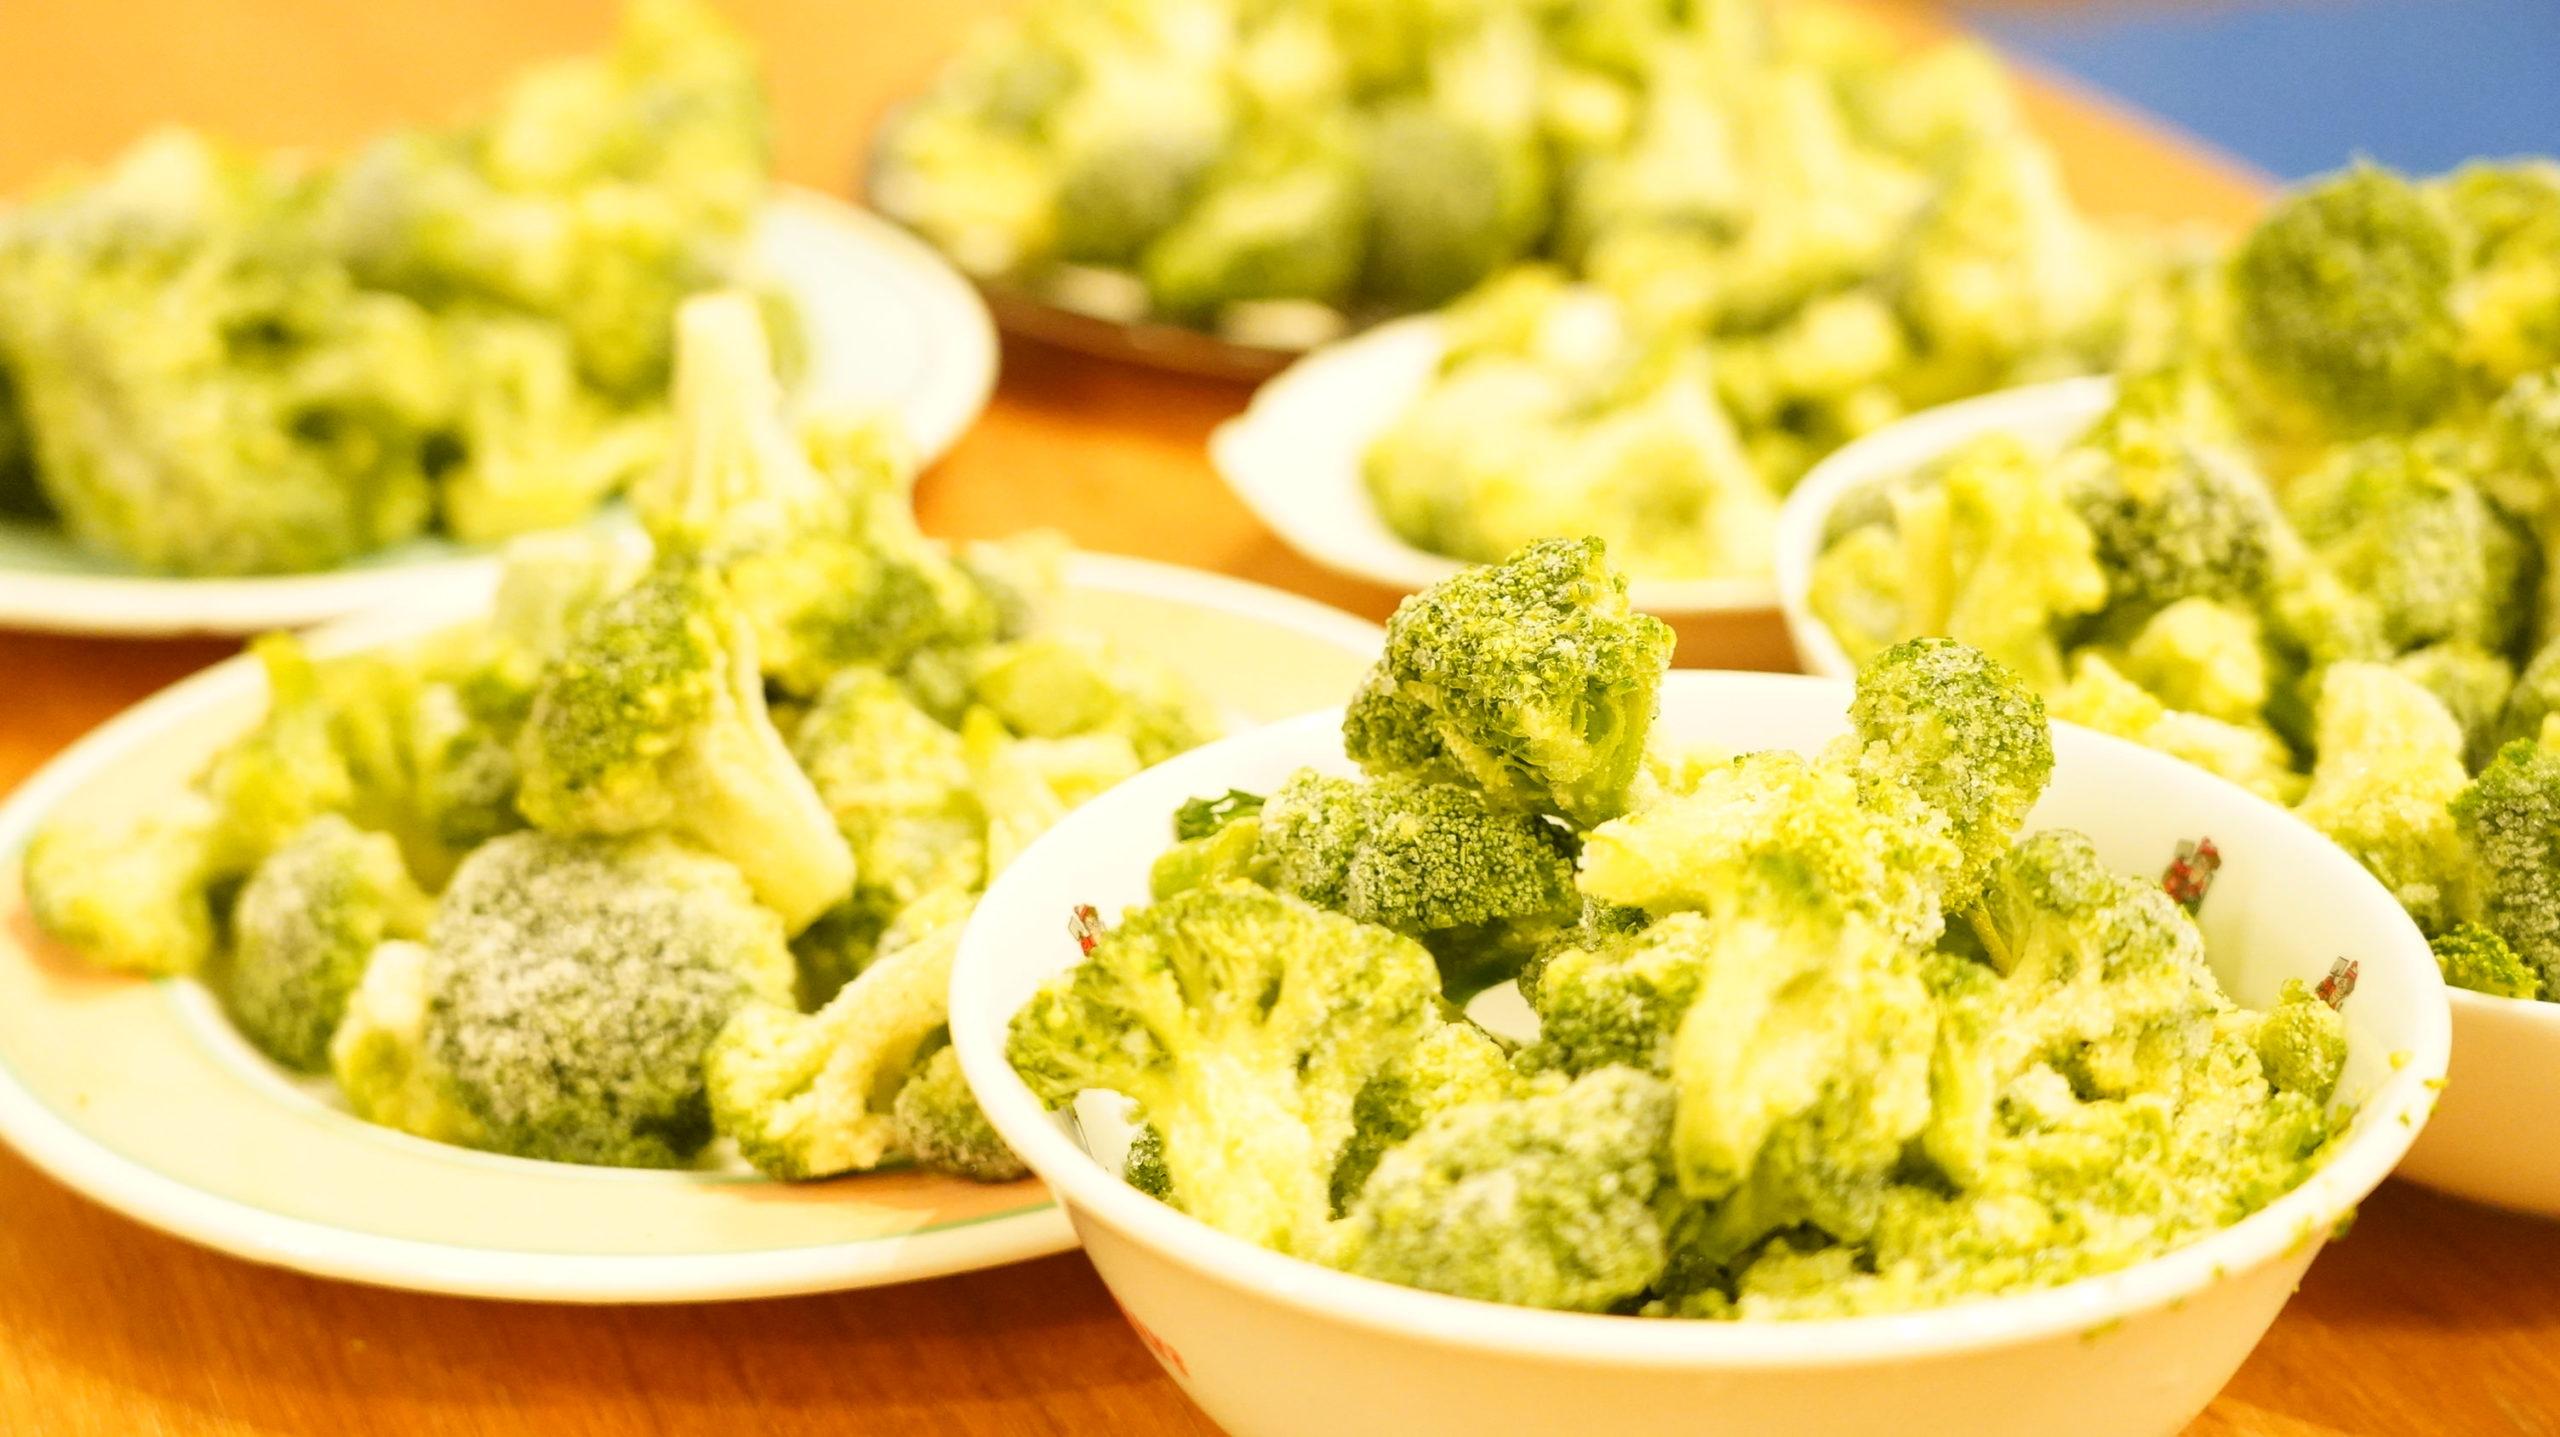 コストコの冷凍食品「ブロッコリー 100%ナチュラル」のブロッコリーがたくさん並んでいる写真